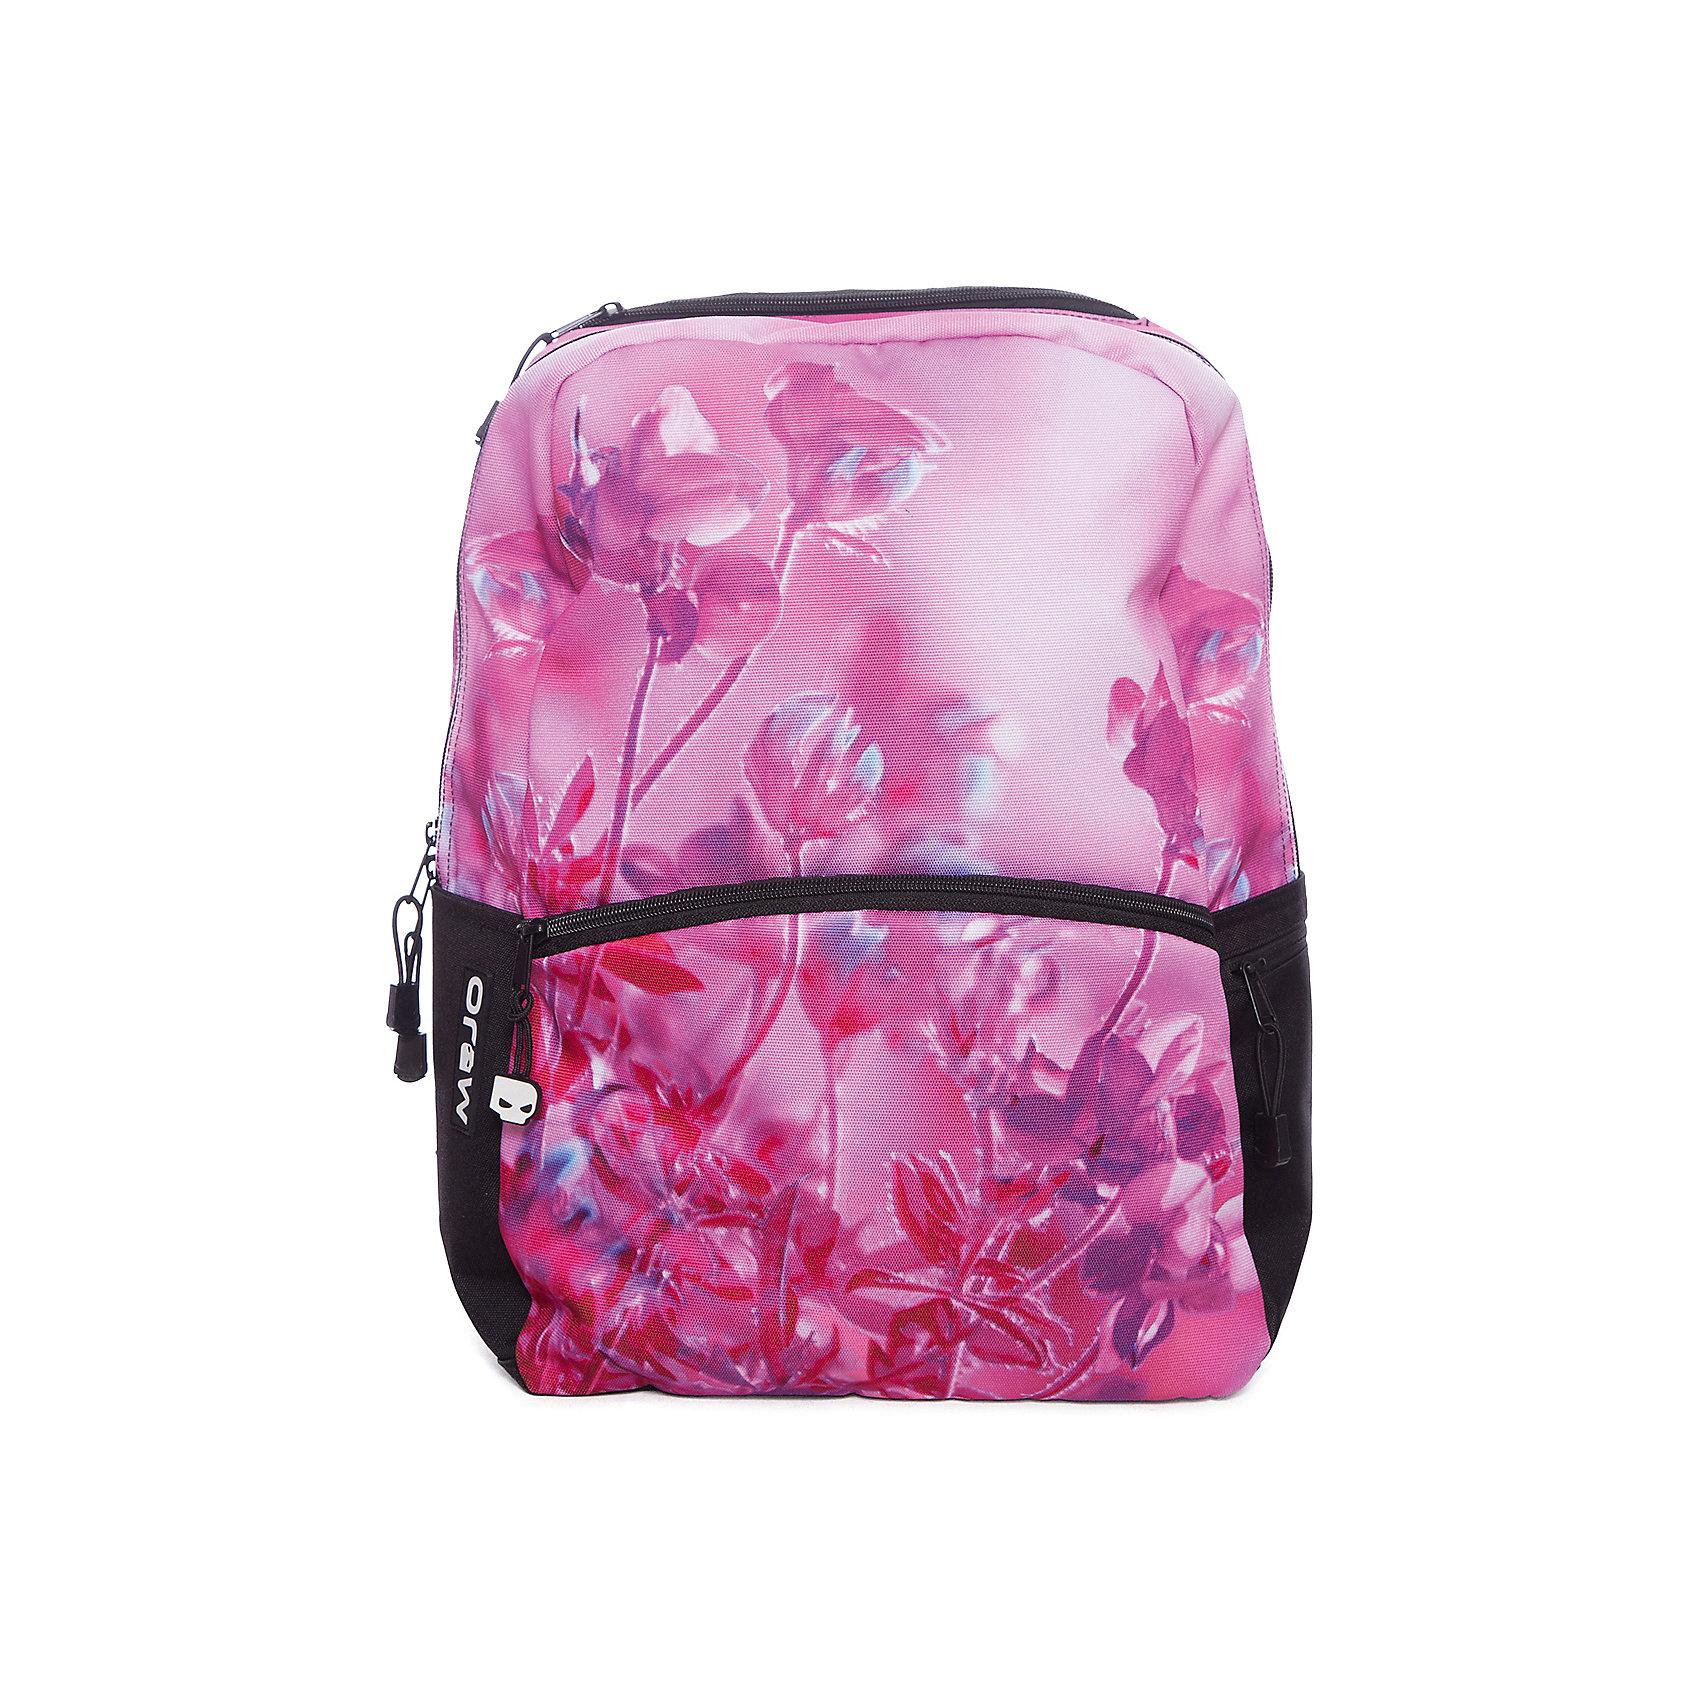 Рюкзак Purple Passion, цвет розовыйРюкзаки<br>Характеристики товара:<br><br>• цвет: розовый;<br>• возраст: от 10 лет;<br>• вес: 0,5 кг;<br>• размер: 43х30х16 см;<br>• водонепроницаемая ткань;<br>• в УФ принт на рюкзаке светится;<br>• одно отделение на молнии;<br>• отсек для планшета;<br>• фронтальный карман на молнии;<br>• два боковых кармана;<br>• уплотненная спинка;<br>• мягкие регулируемые лямки;<br>• материал: полиэстер;<br>• страна бренда: США;<br>• страна изготовитель: Китай.<br><br>Перед молодостью и решимостью открыты все пути!<br><br>Функциональный и вместительный, рюкзак привлекает внимание оригинальным ярким, не похожим ни на кого принтом. Символизм и бесспорный романтический антураж принта непременно понравятся всем, кто ценит свободу и обожает путешествия налегке. А в УФ принт на рюкзаке светится потрясающим сиреневым цветом.<br><br>Рюкзак Mojo Pax «Purple Passion» можно купить в нашем интернет-магазине.<br><br>Ширина мм: 430<br>Глубина мм: 300<br>Высота мм: 160<br>Вес г: 500<br>Возраст от месяцев: 120<br>Возраст до месяцев: 720<br>Пол: Унисекс<br>Возраст: Детский<br>SKU: 7054140